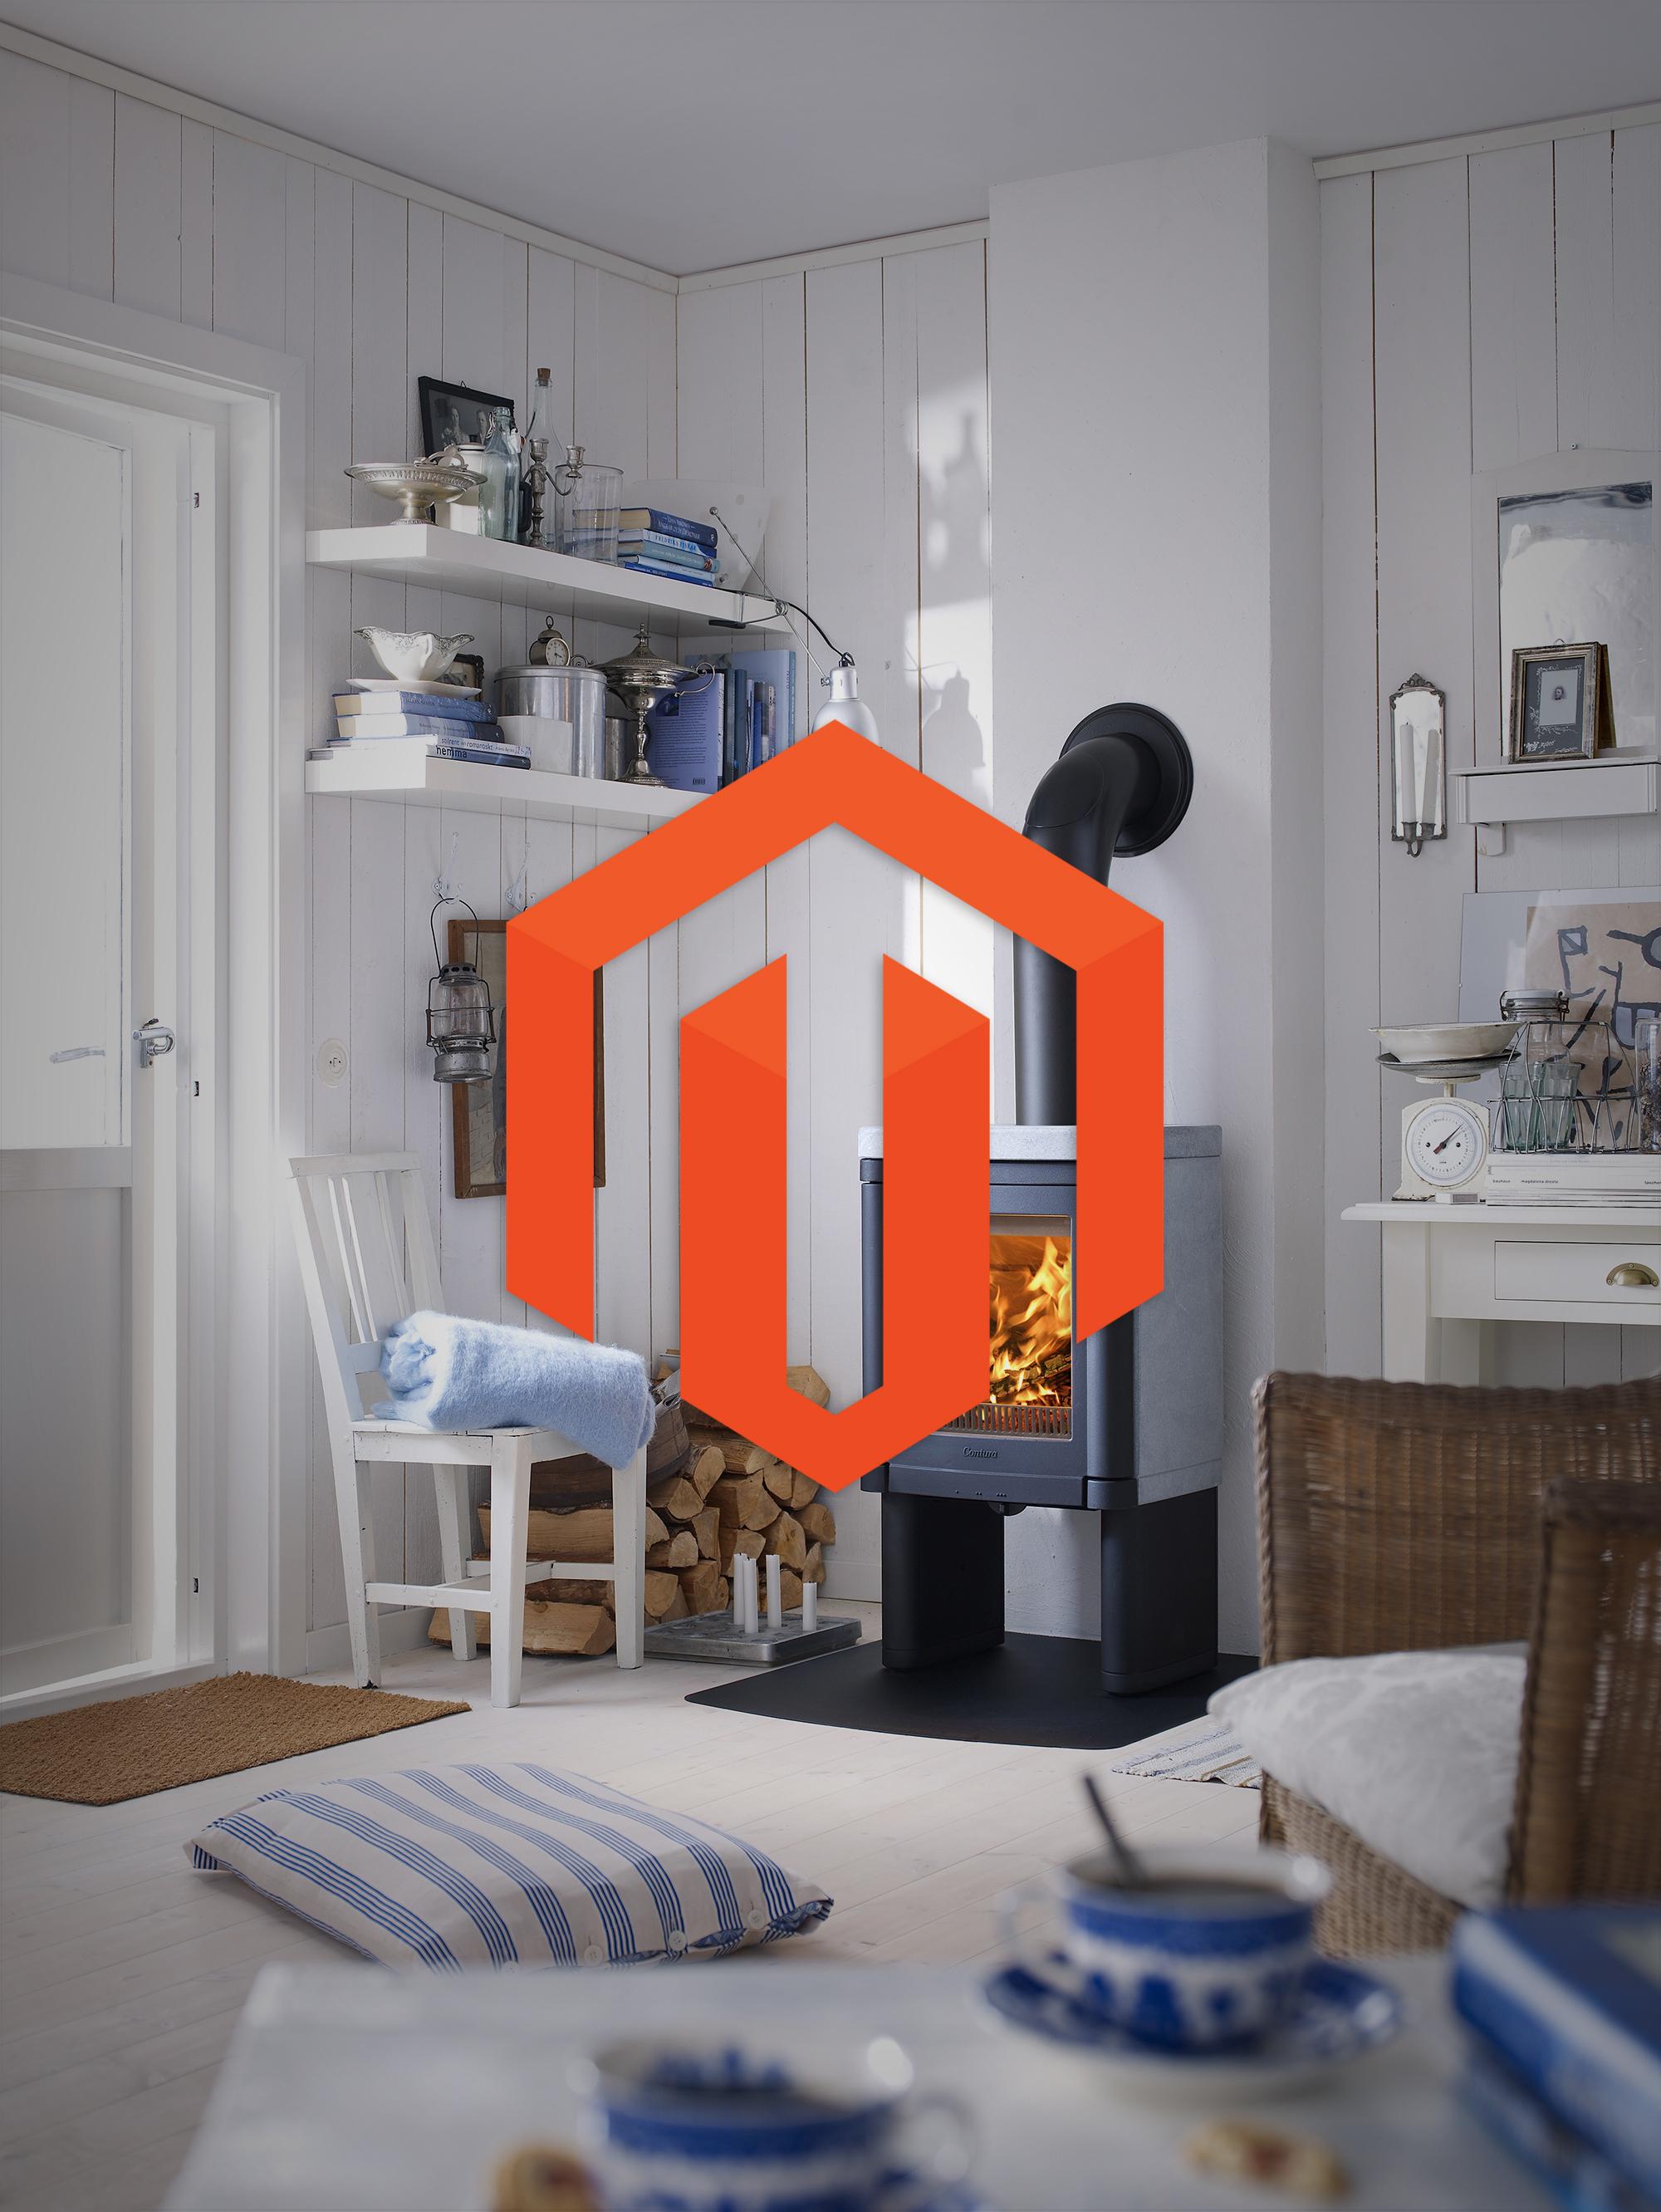 premodul paket inv ndig skorsten vit. Black Bedroom Furniture Sets. Home Design Ideas